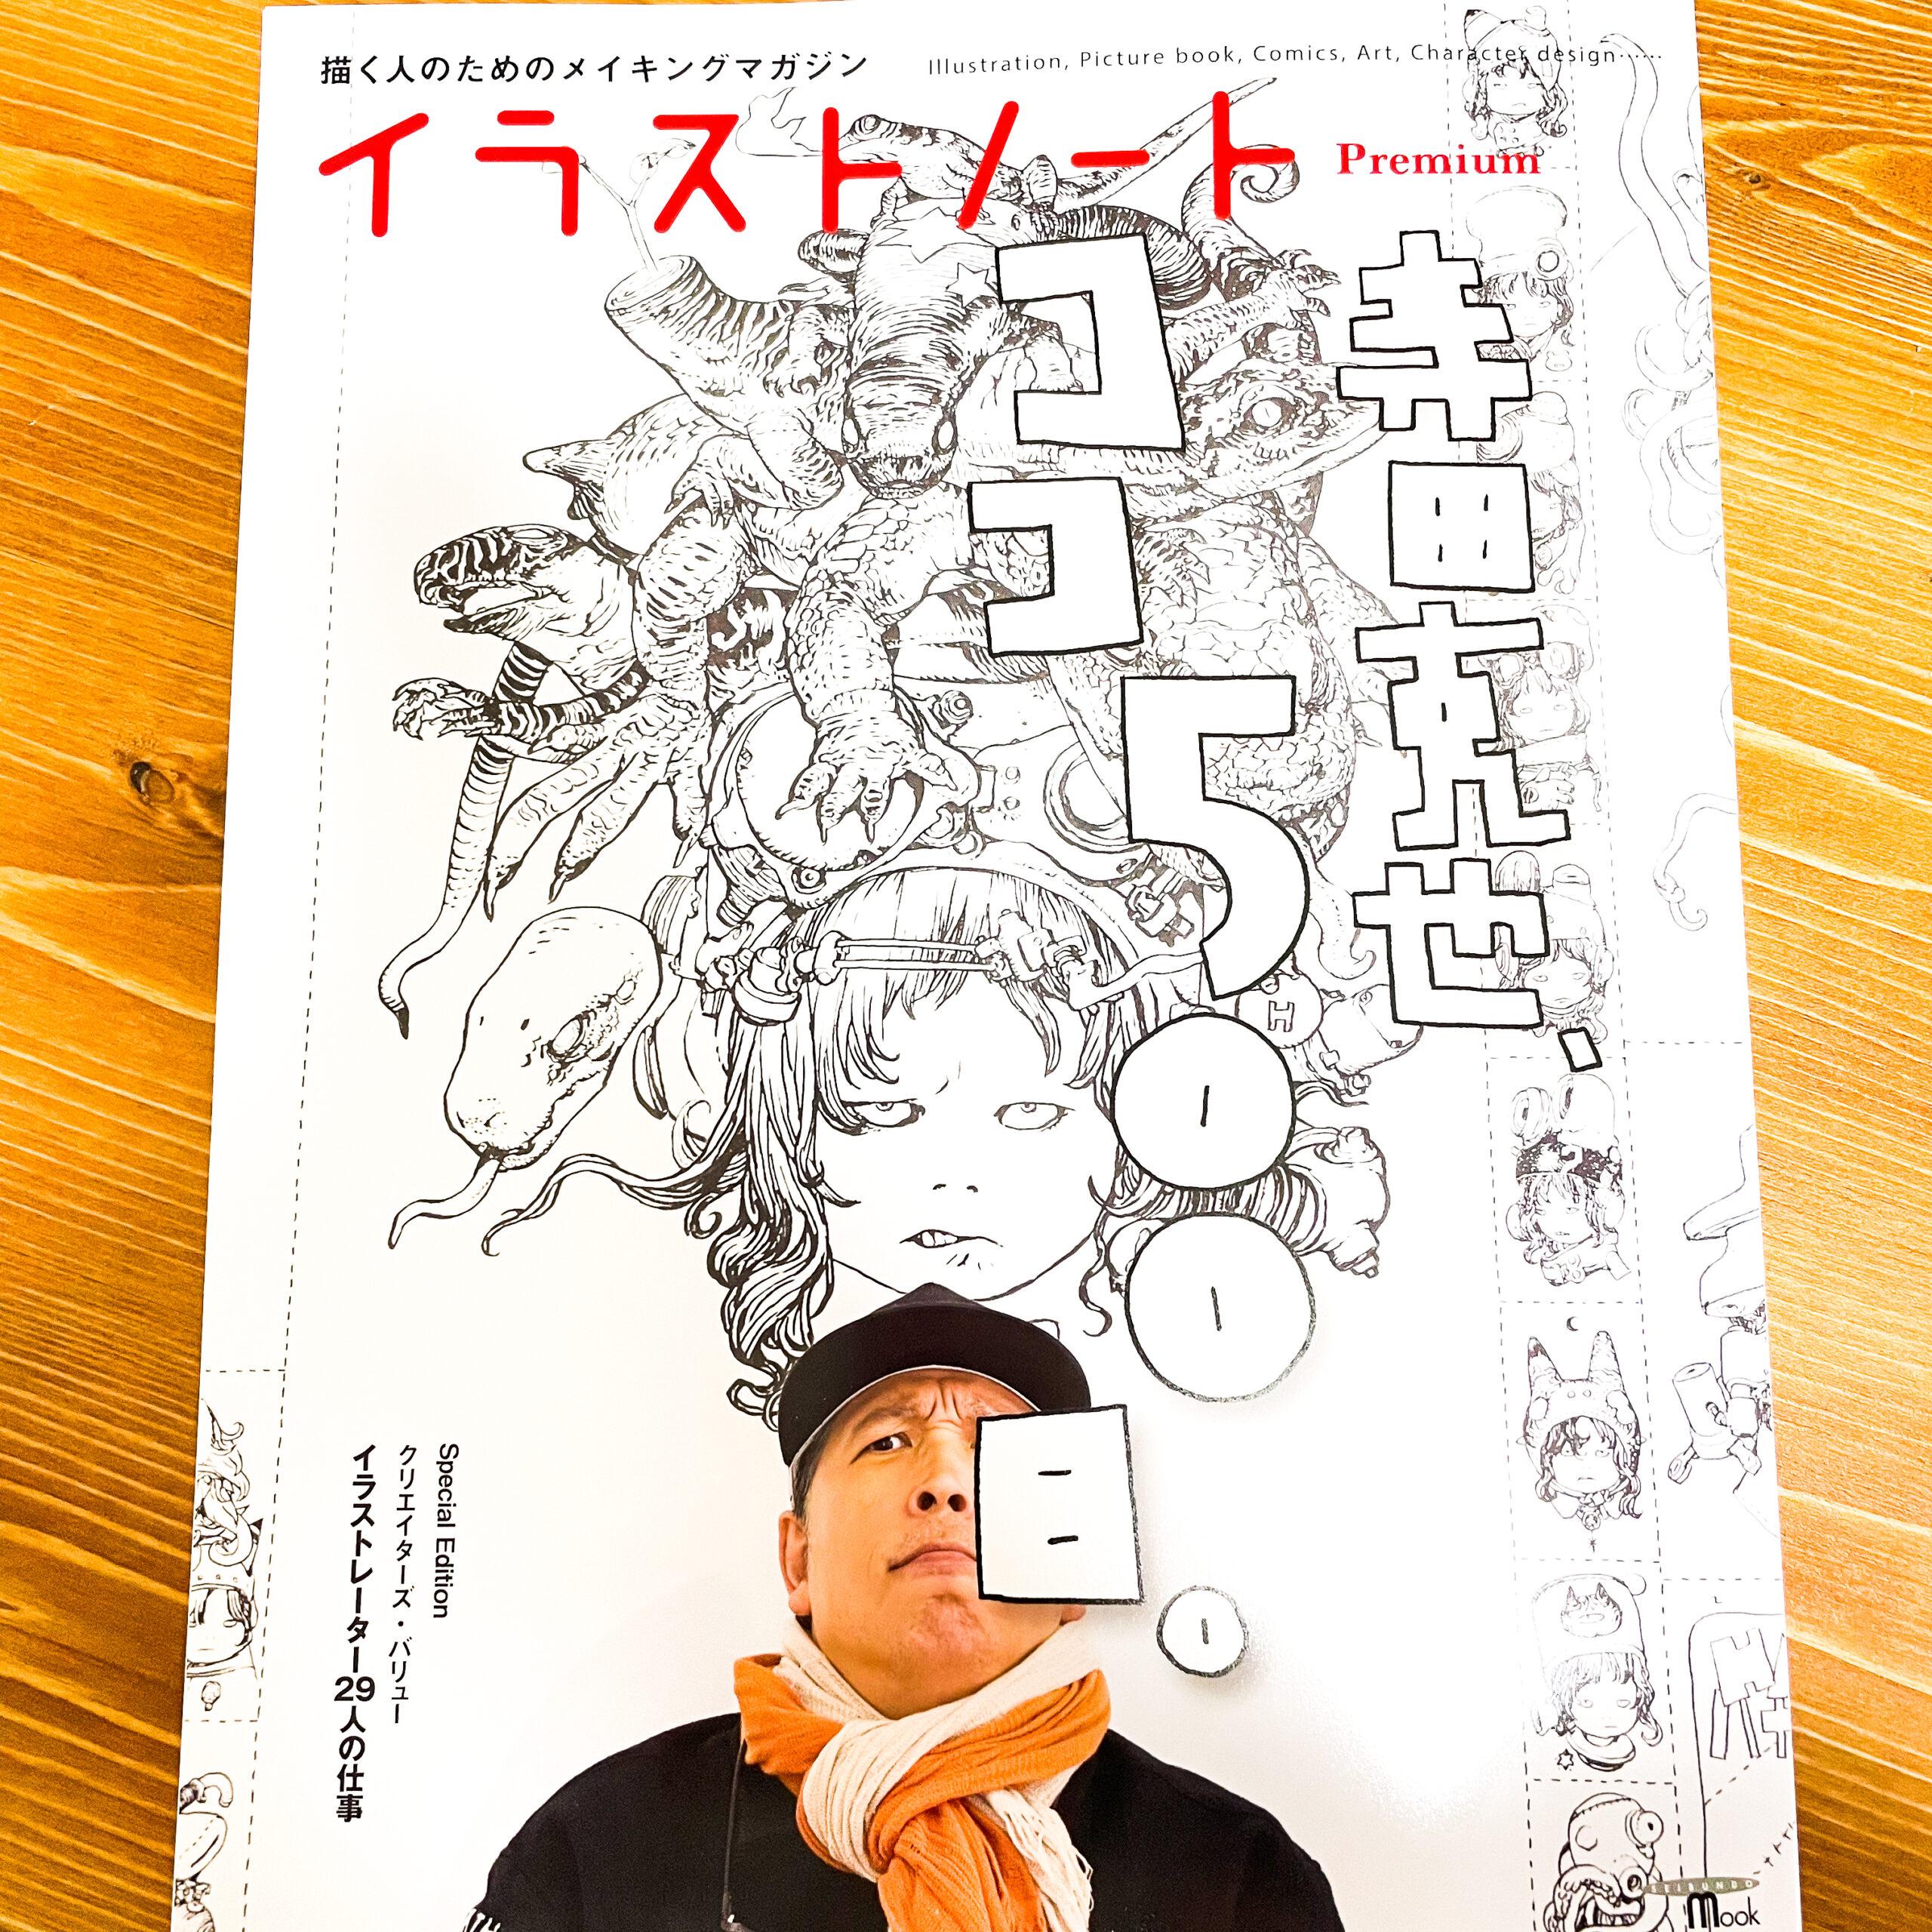 掲載情報|誠文堂新光社「イラストノート Premium」